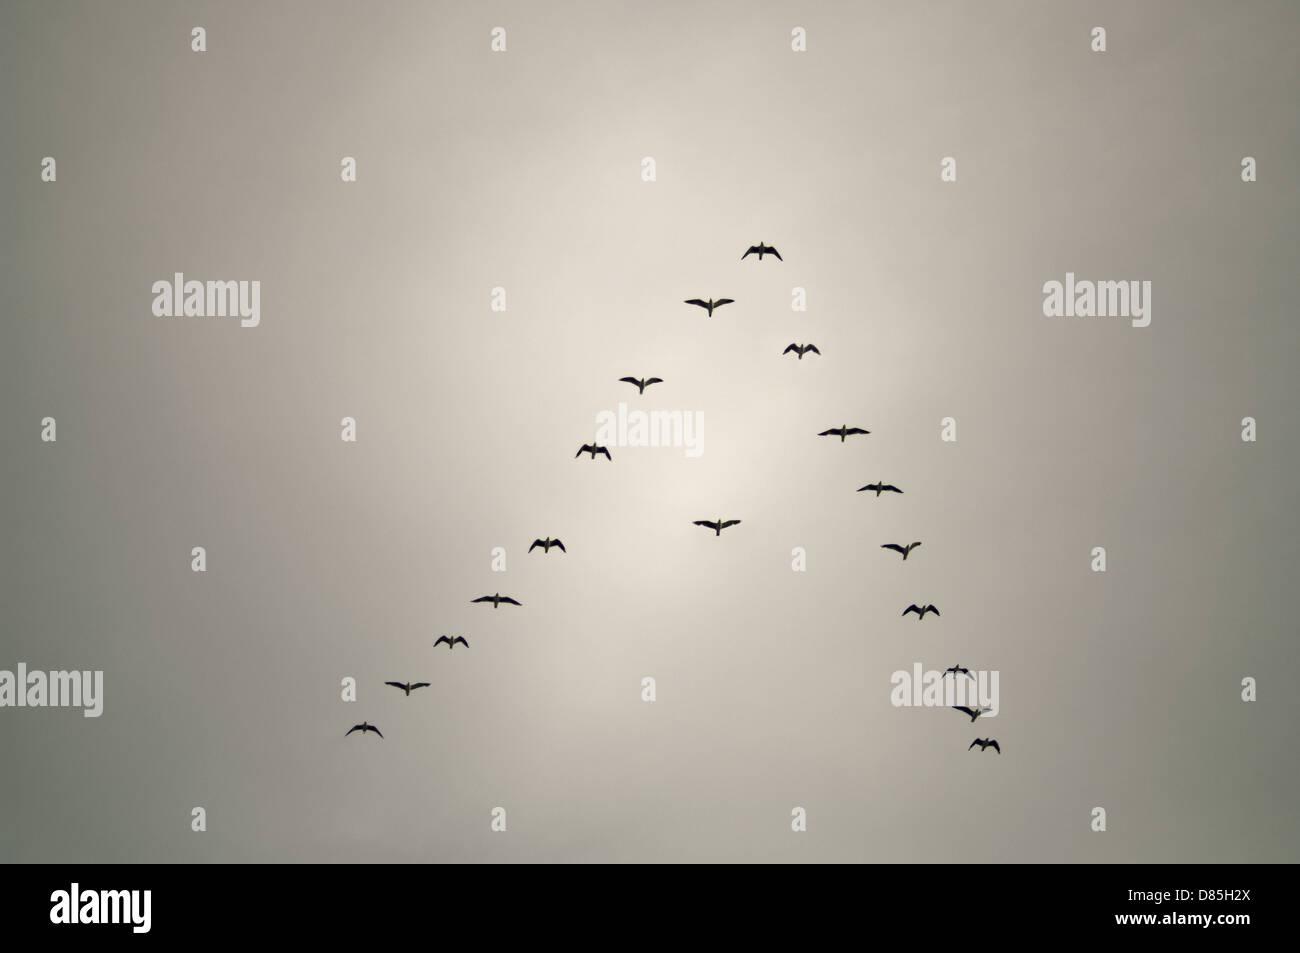 Gli uccelli in formazione a freccia con un uccello fuori linea concettuale Immagini Stock